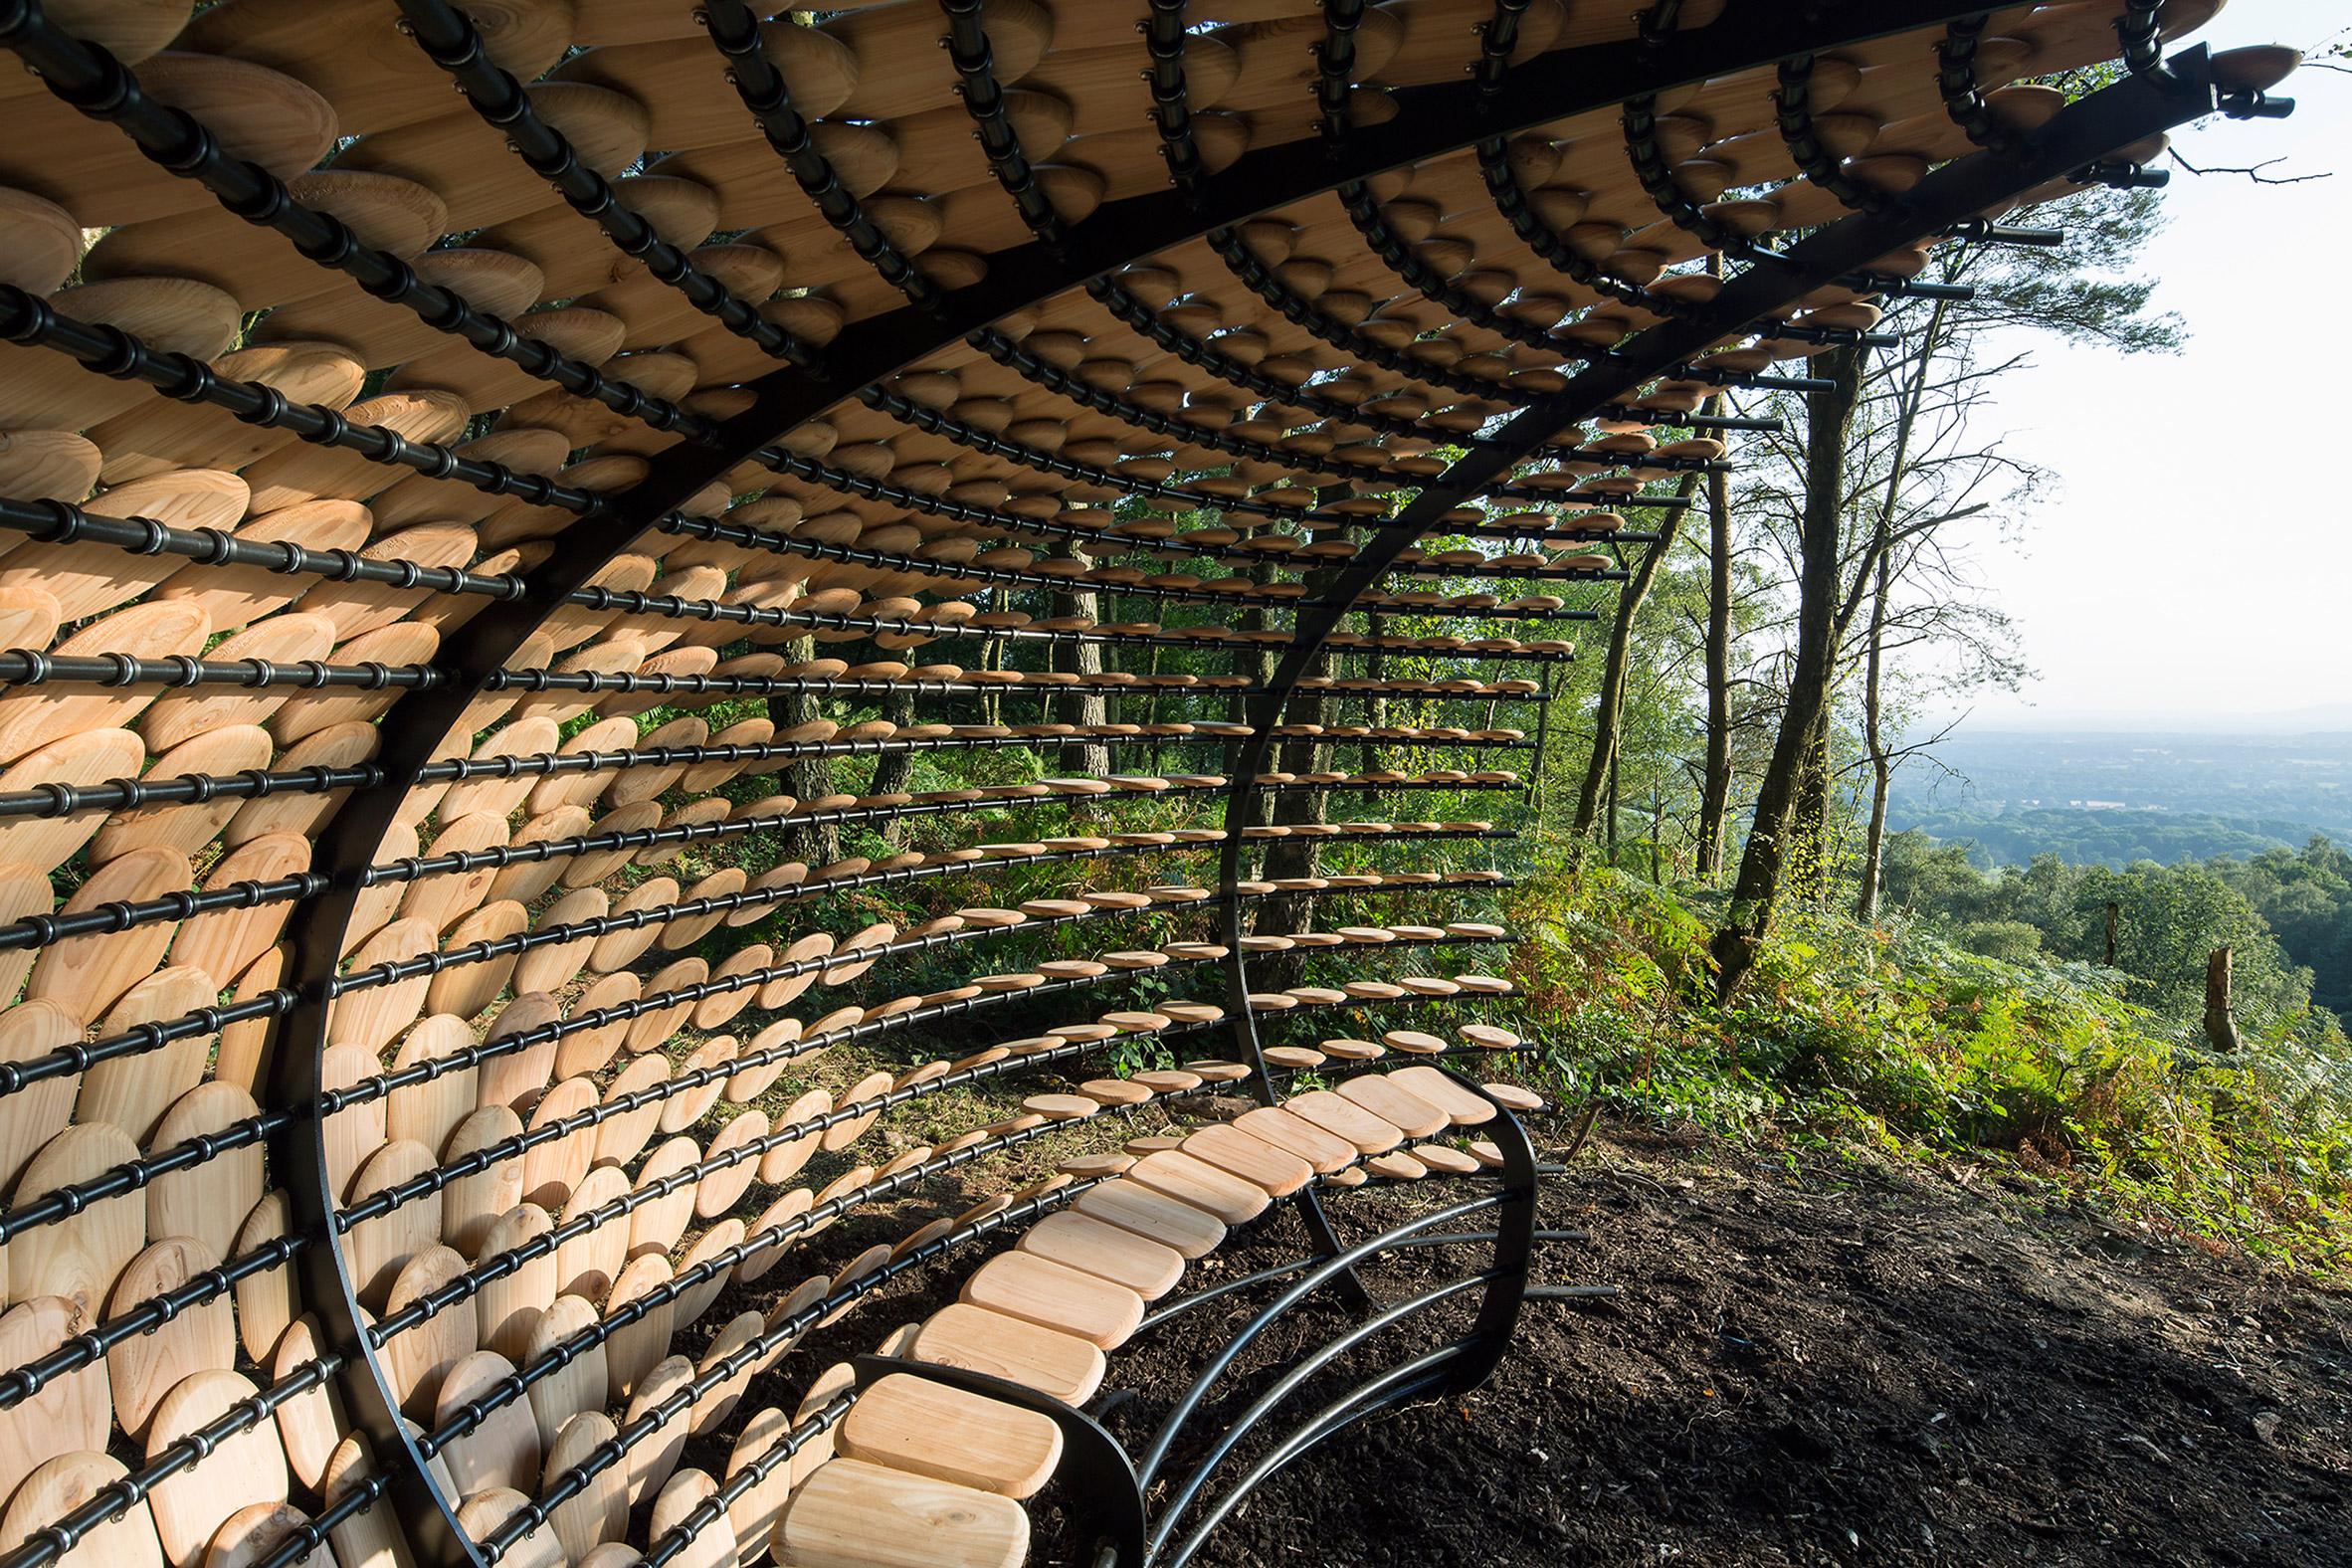 perspectives-giles-miller-design_dezeen_2364_col_12.jpg